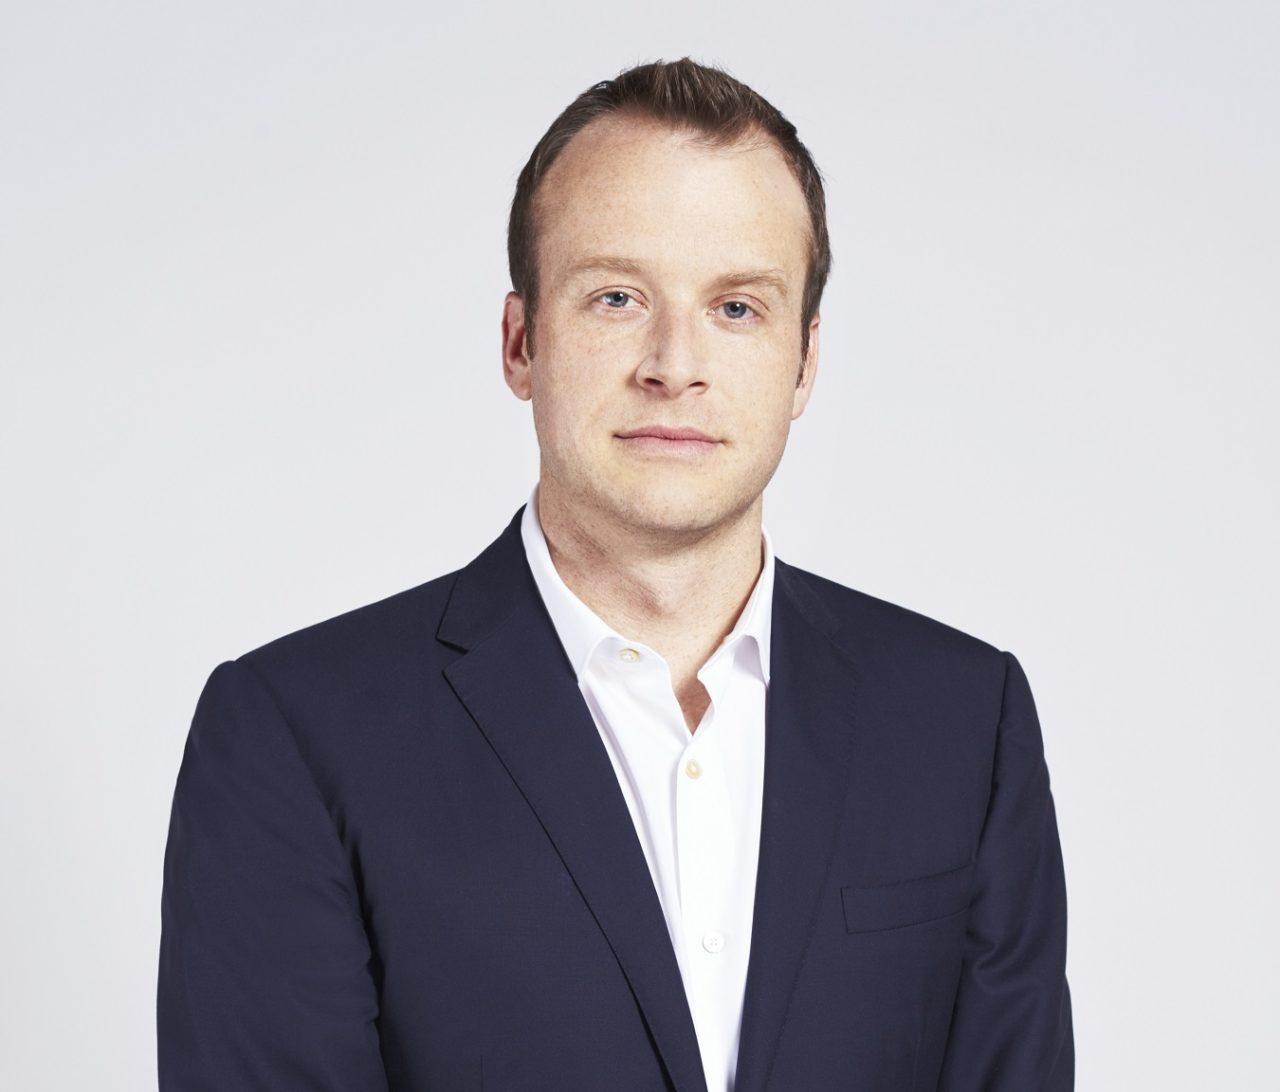 VistaJet's chief operating officer, Nick van der Meer